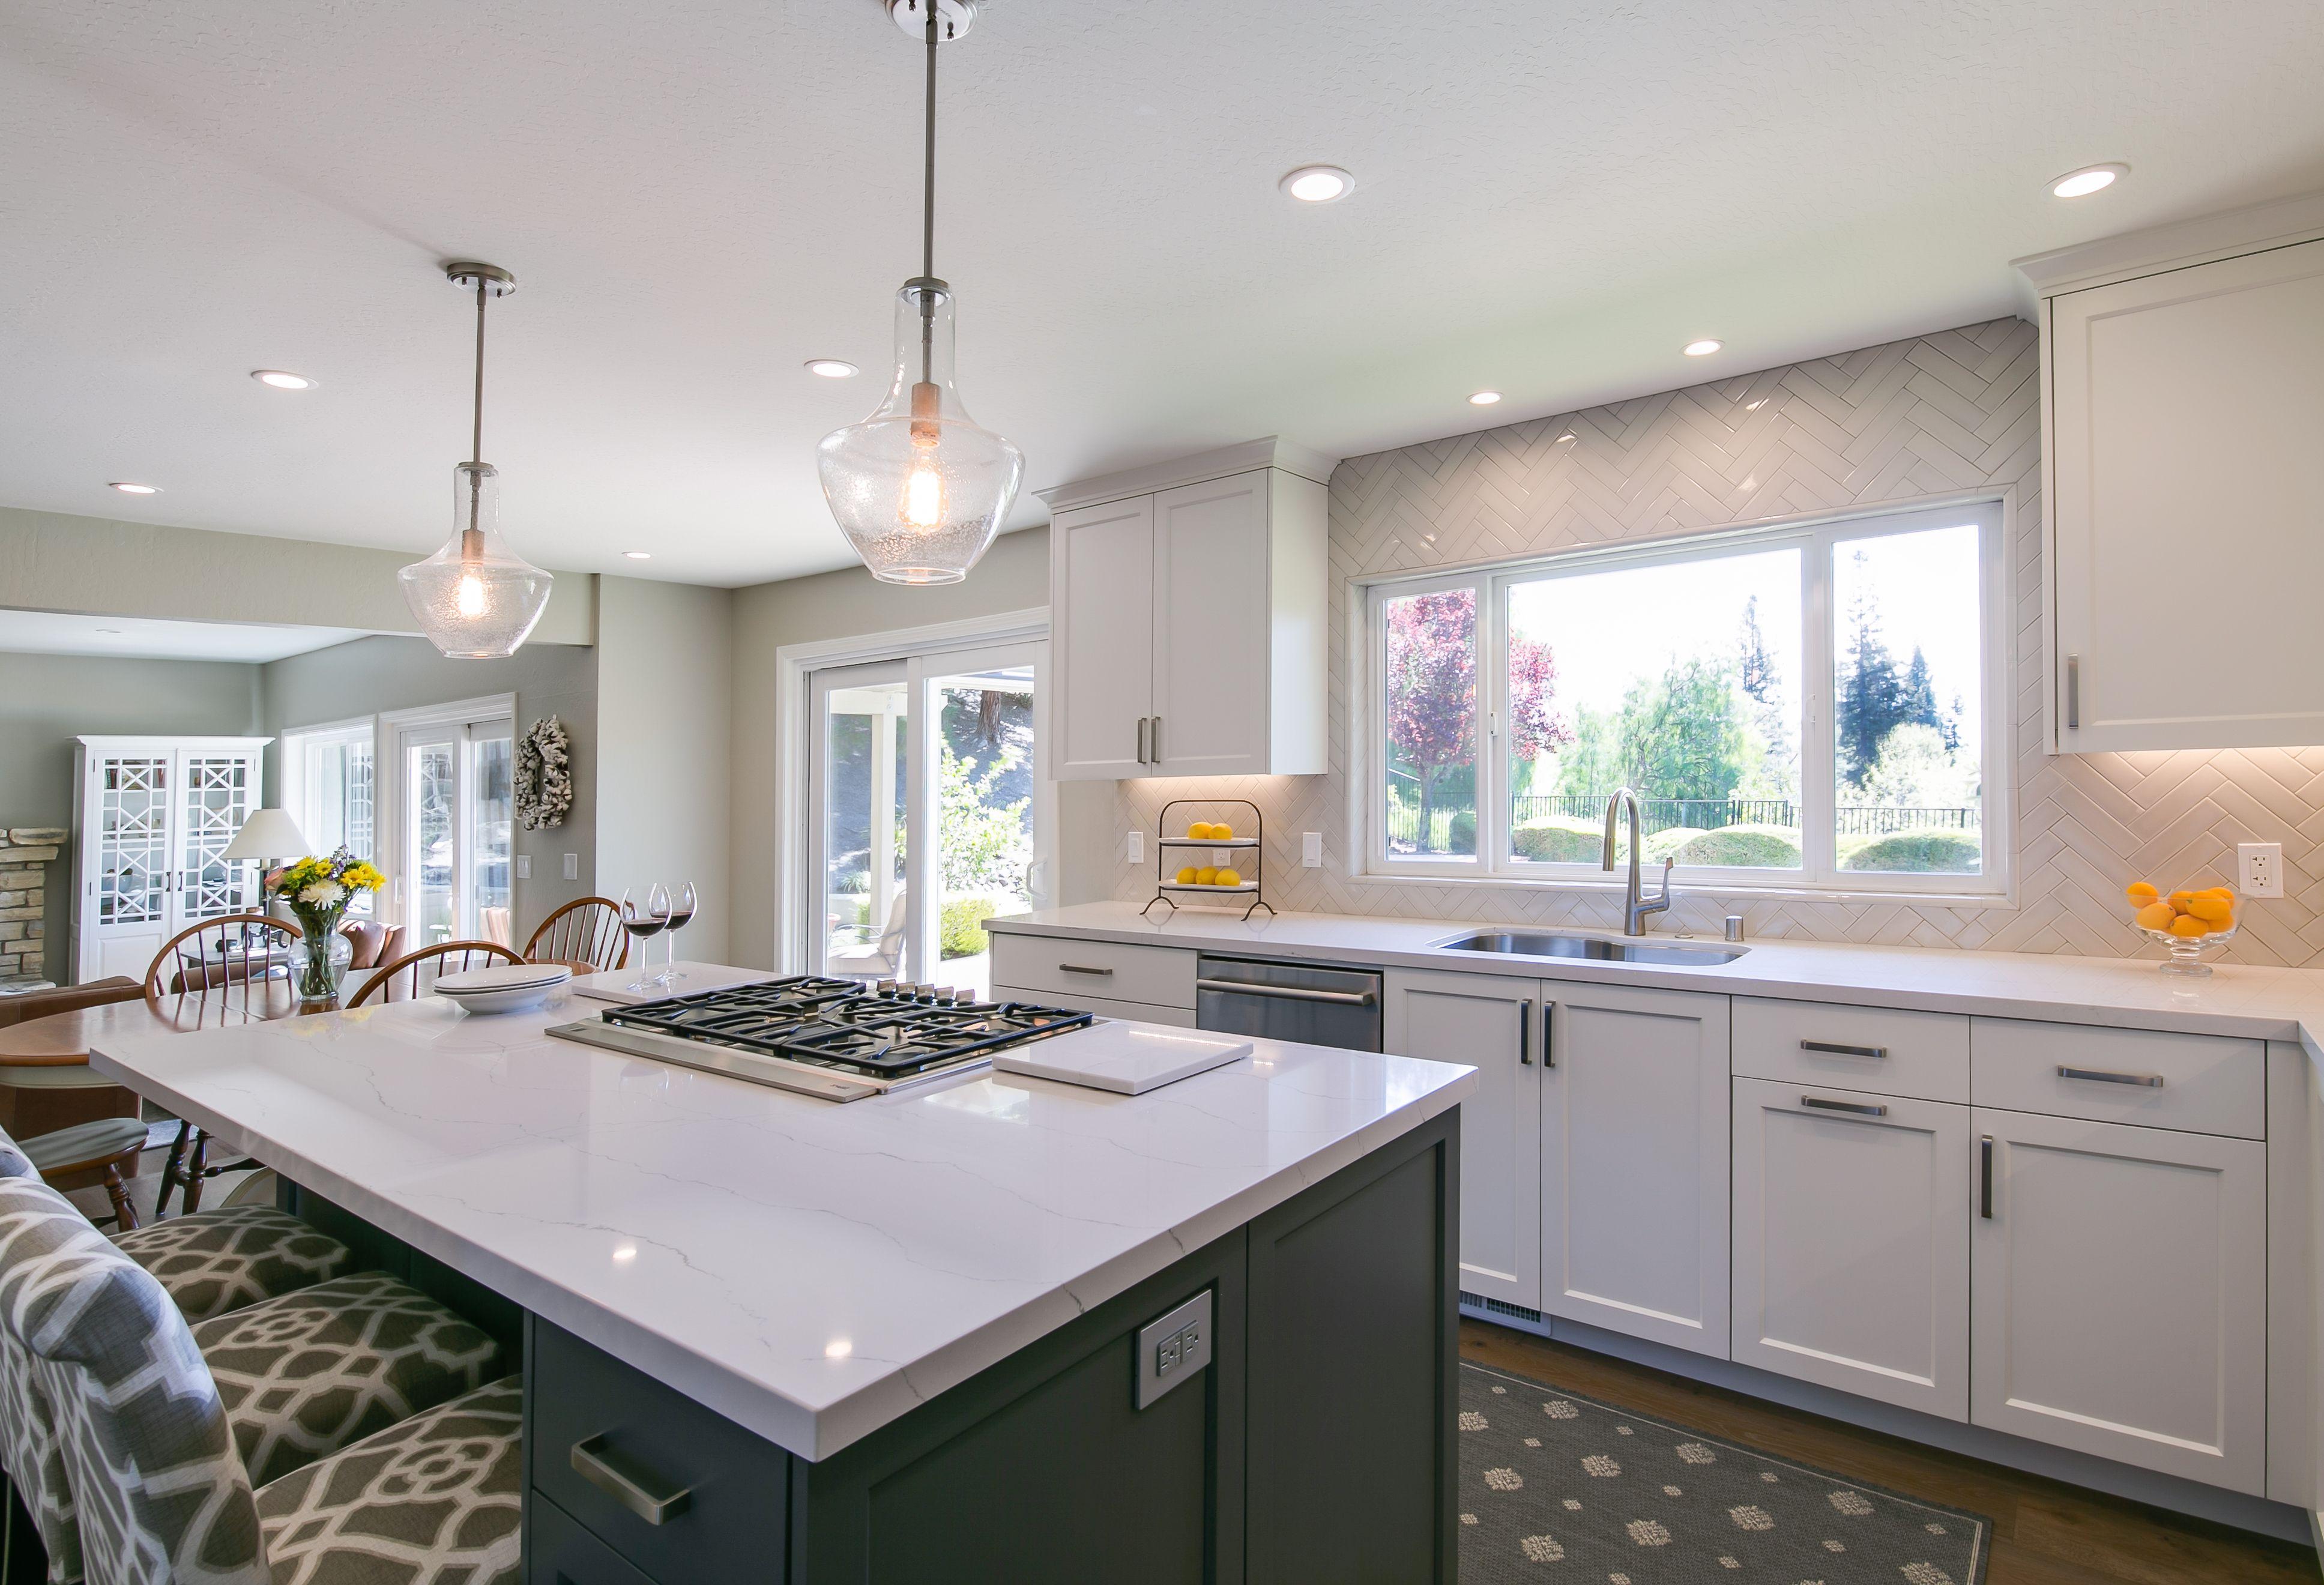 Beautiful Kitchen Design by Interior Designer Stephanie